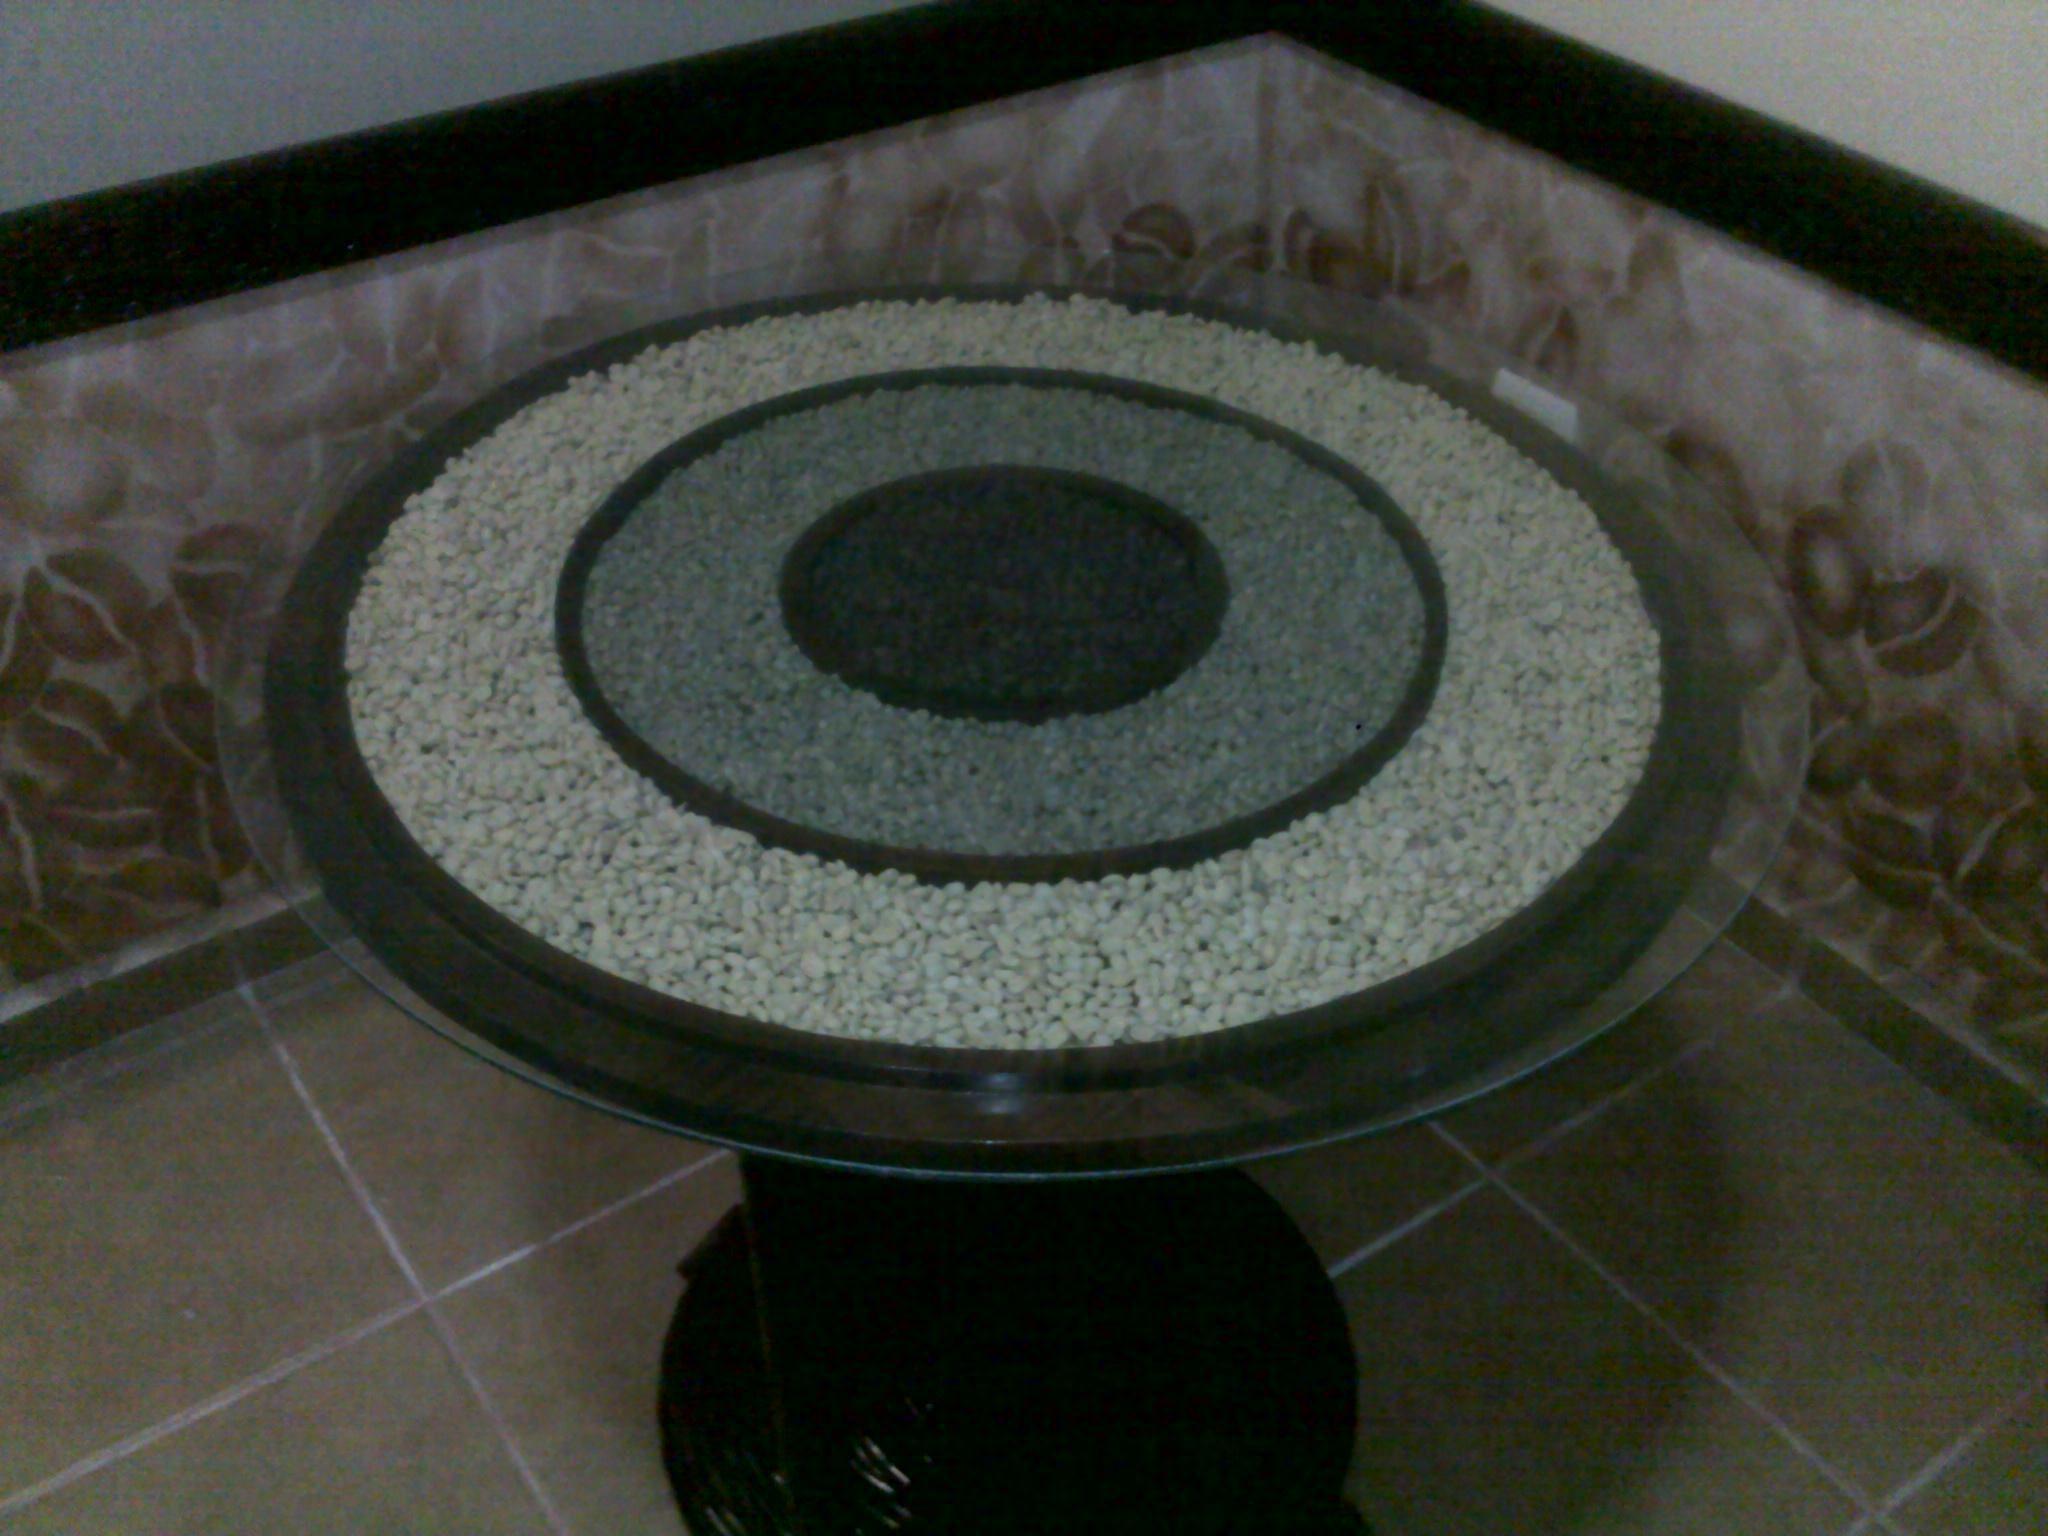 mesas hechas por artesanos locales!